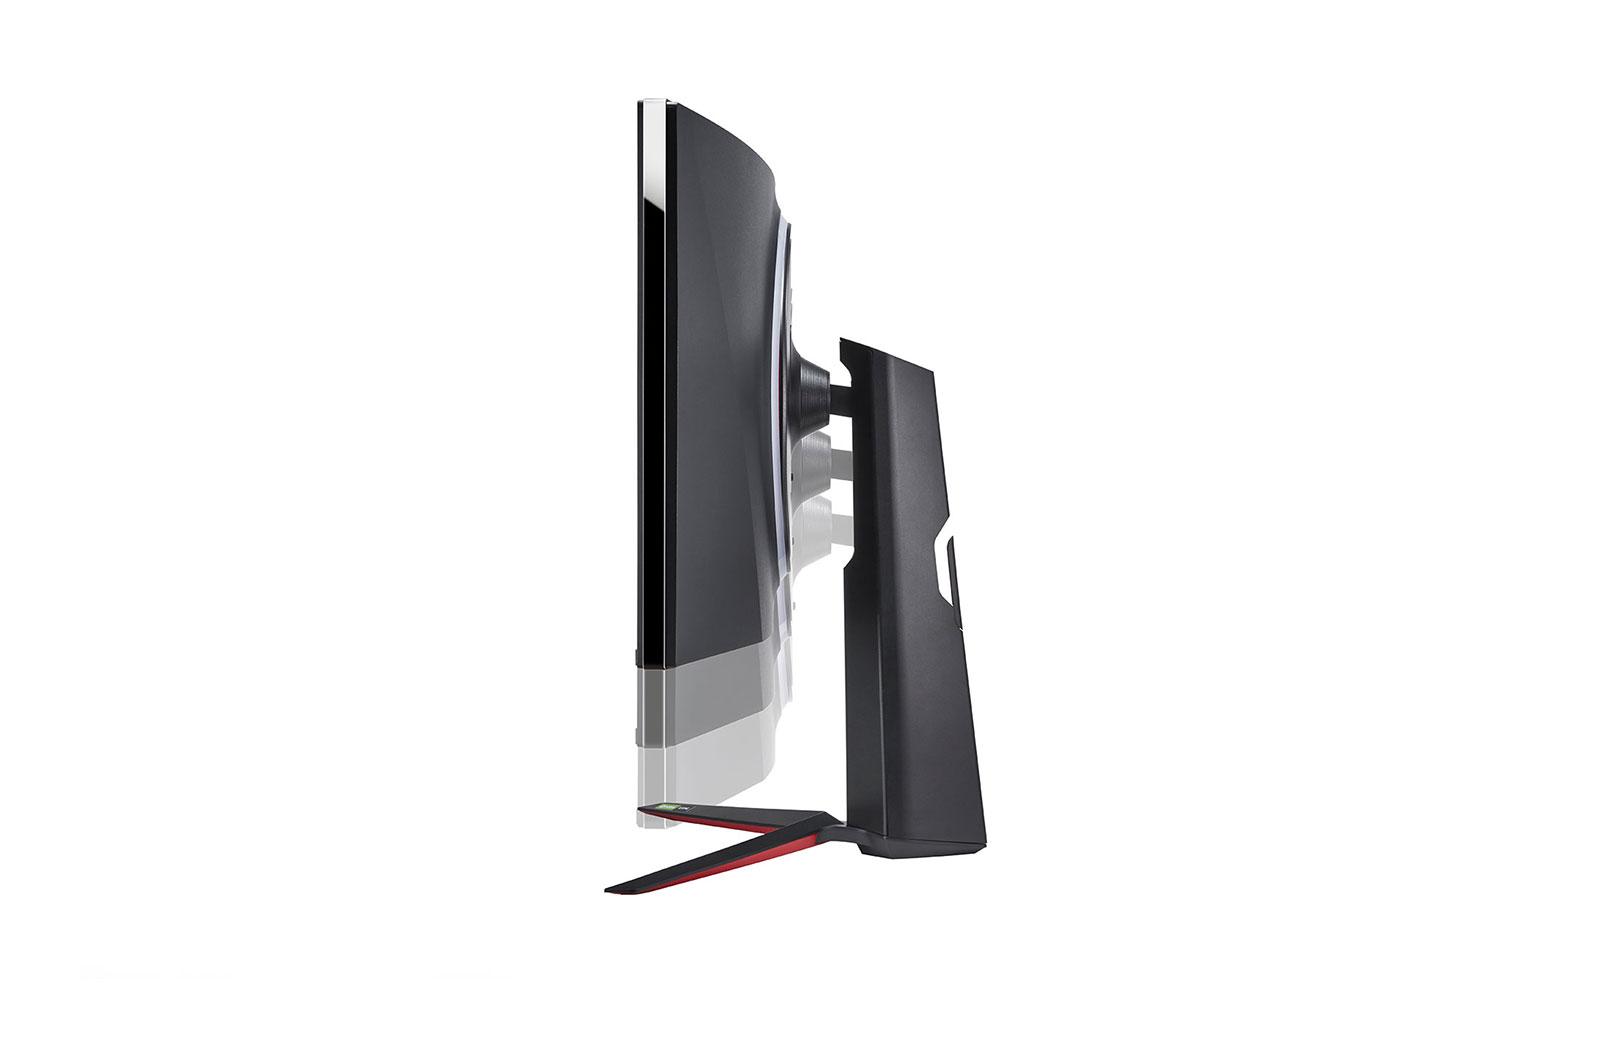 """Màn Hình Cong Gaming LG 38GN950-B 37.5"""" UltraWide QHD+ (3840x1600) 21:9 1ms 160Hz UltraGear Nano IPS - Hàng Chính Hãng"""